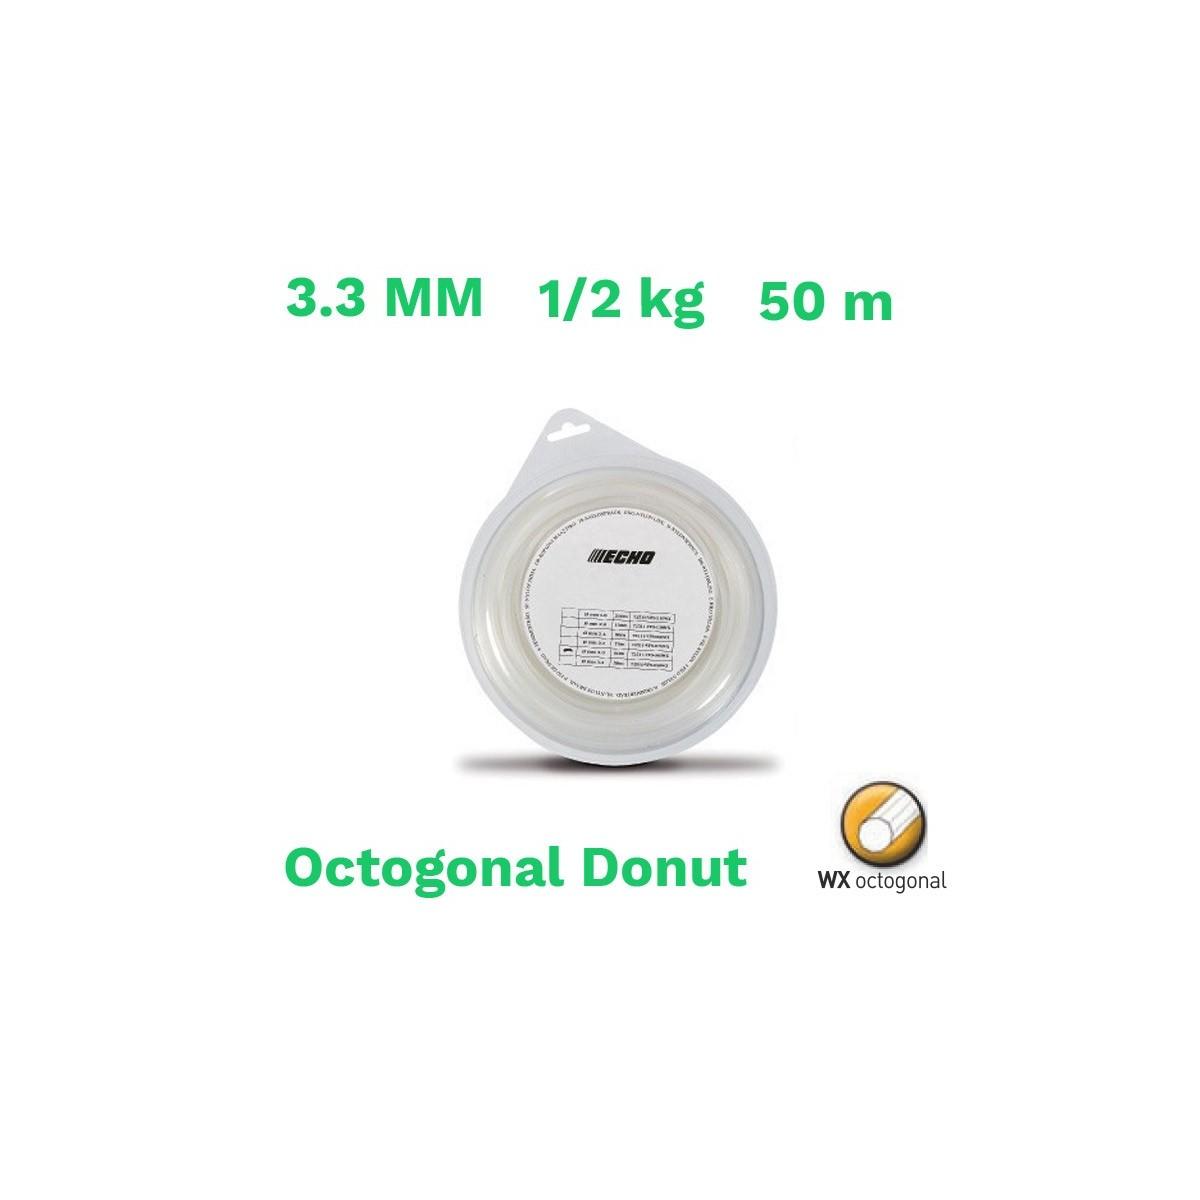 Echo hilo nylon octogonal donut 3.3 mm 1/2 kg 50 m